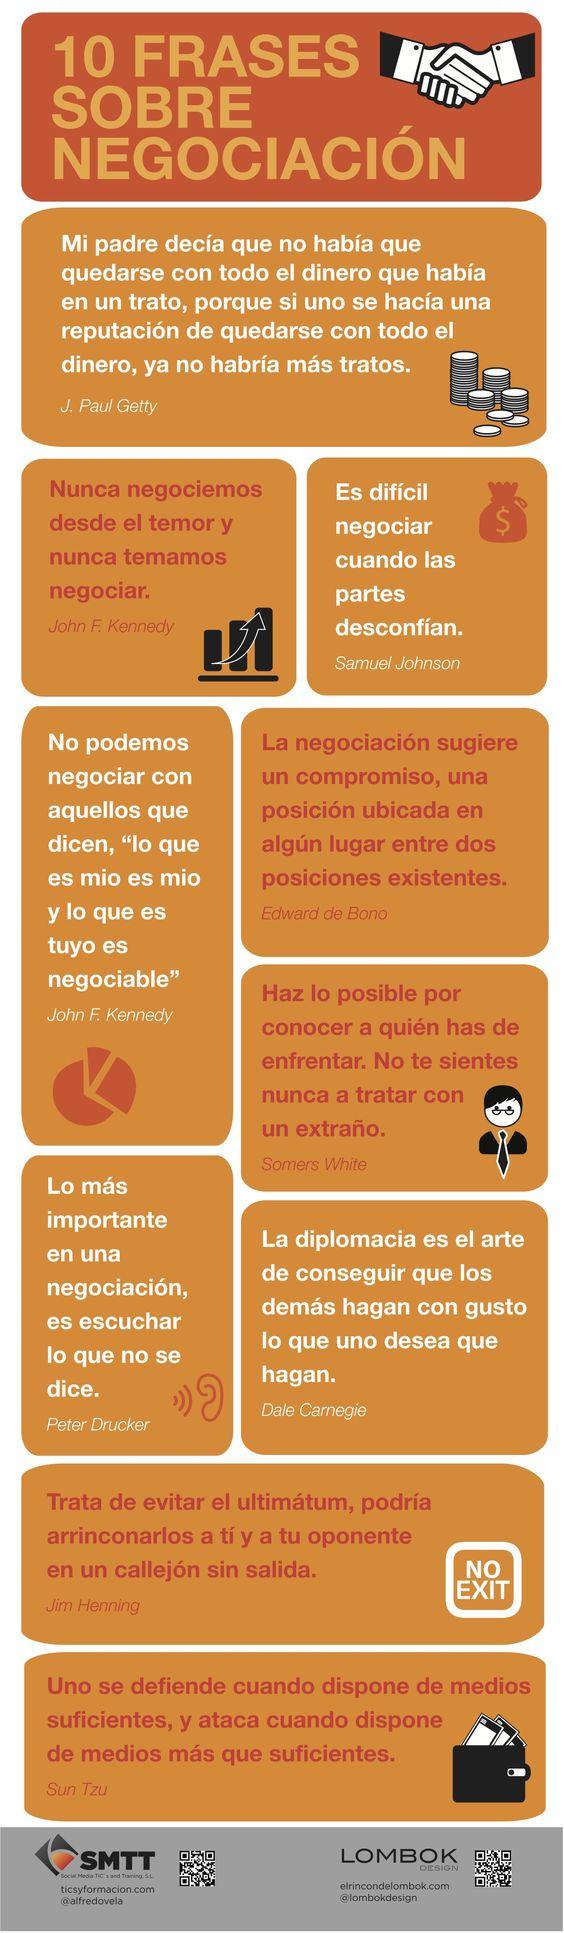 10 Frases sobre negociación